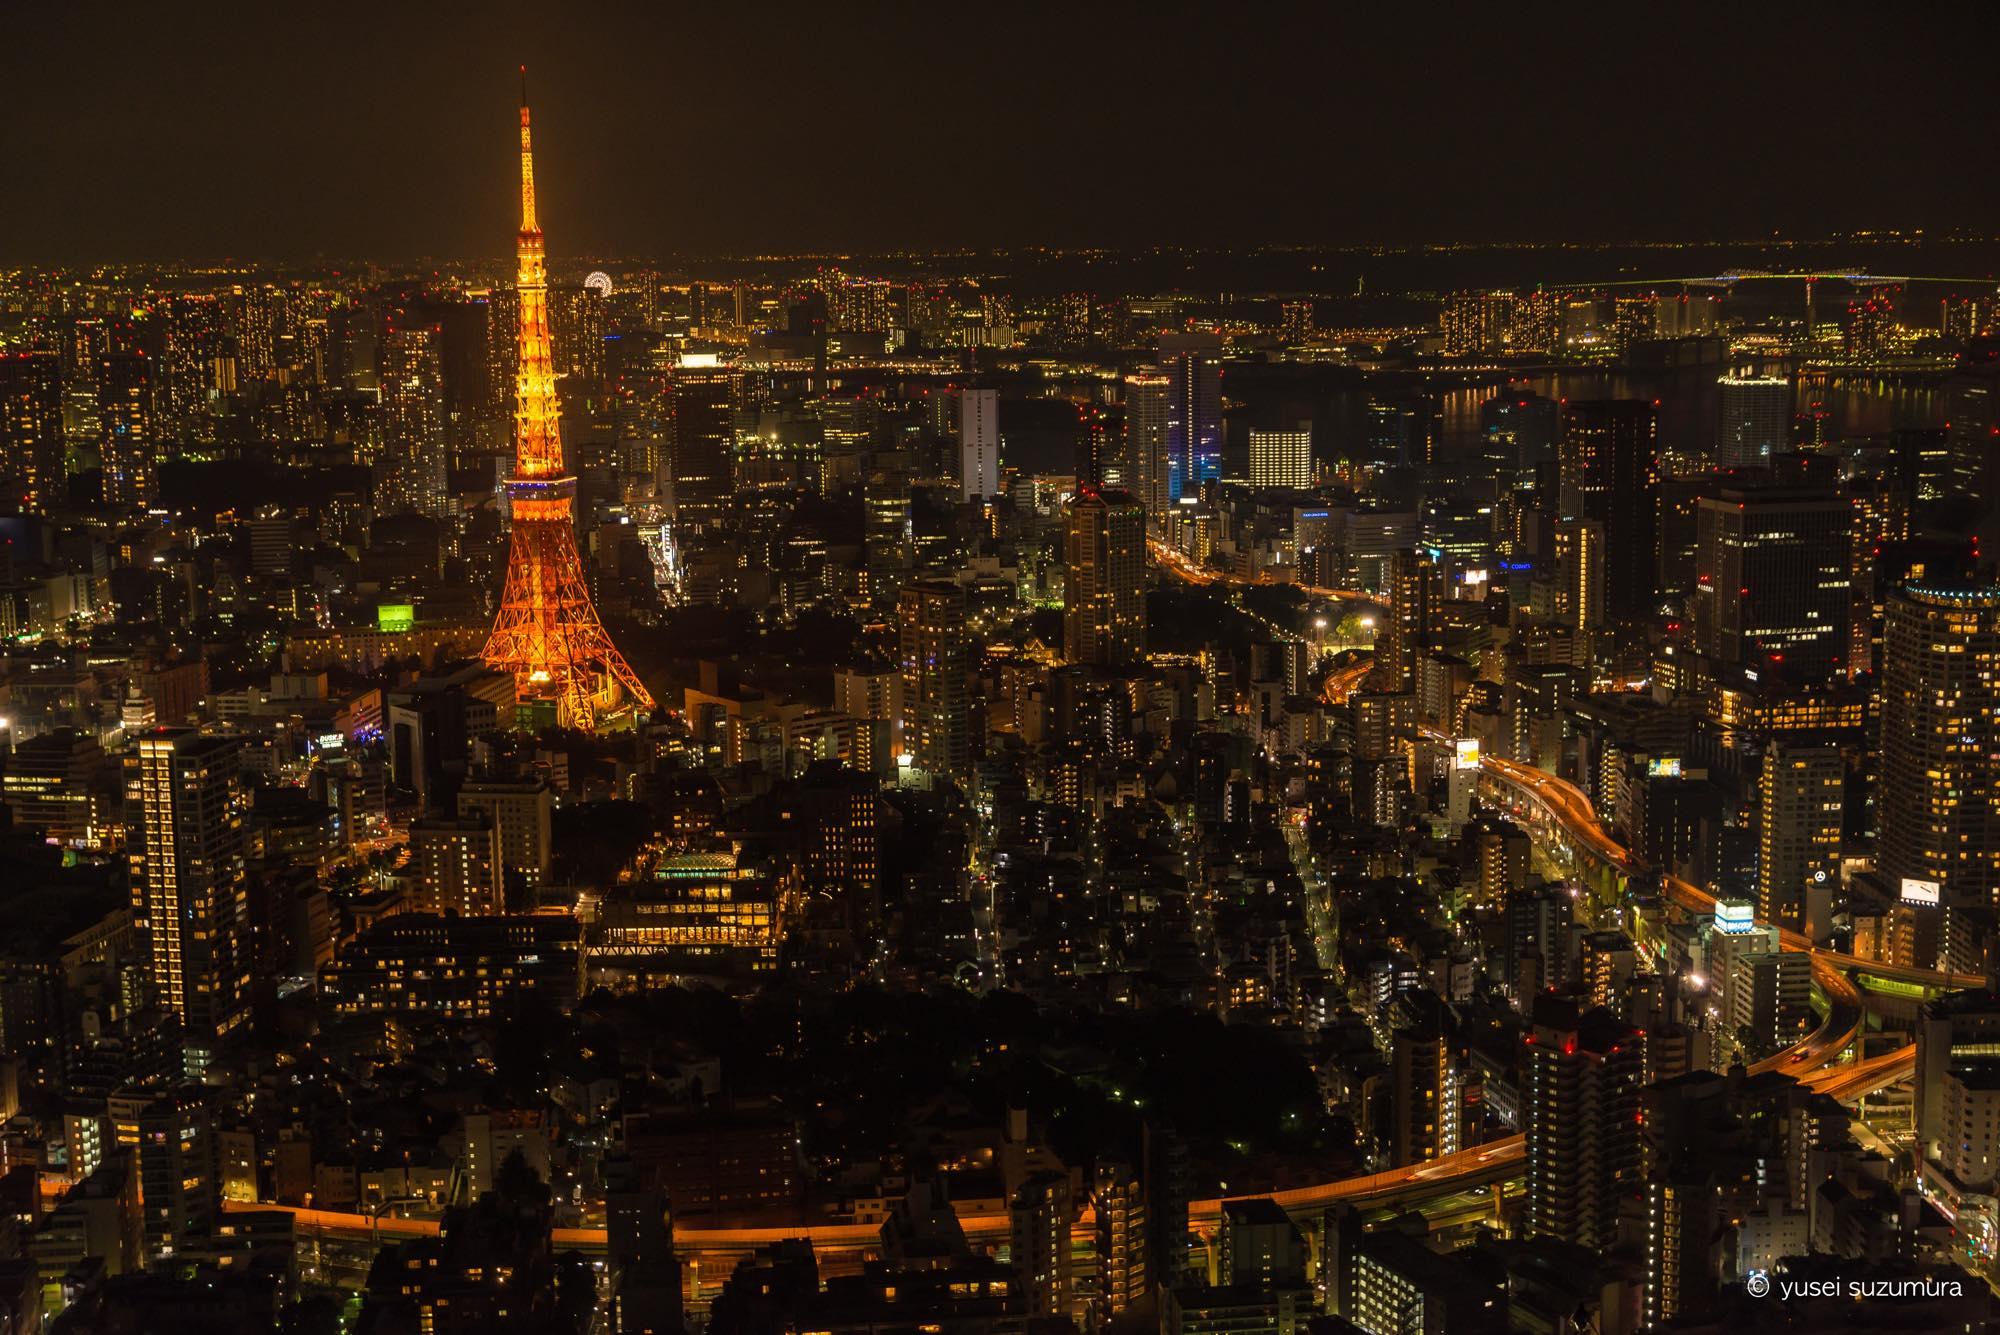 東京タワー 六本木ヒルズ スカイデッキ